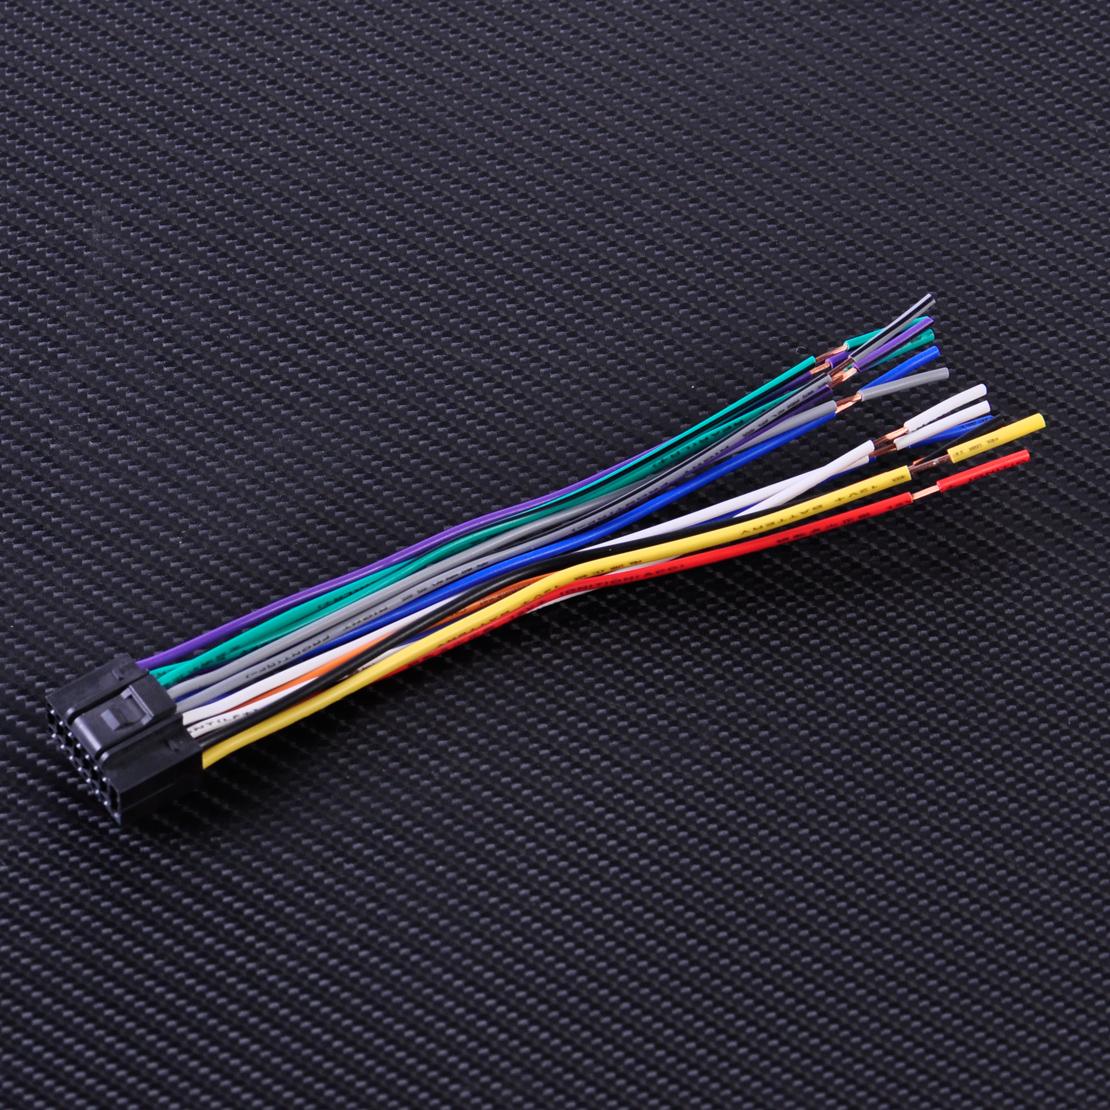 kenwood kvt 516 wire harness kenwood kvt 614